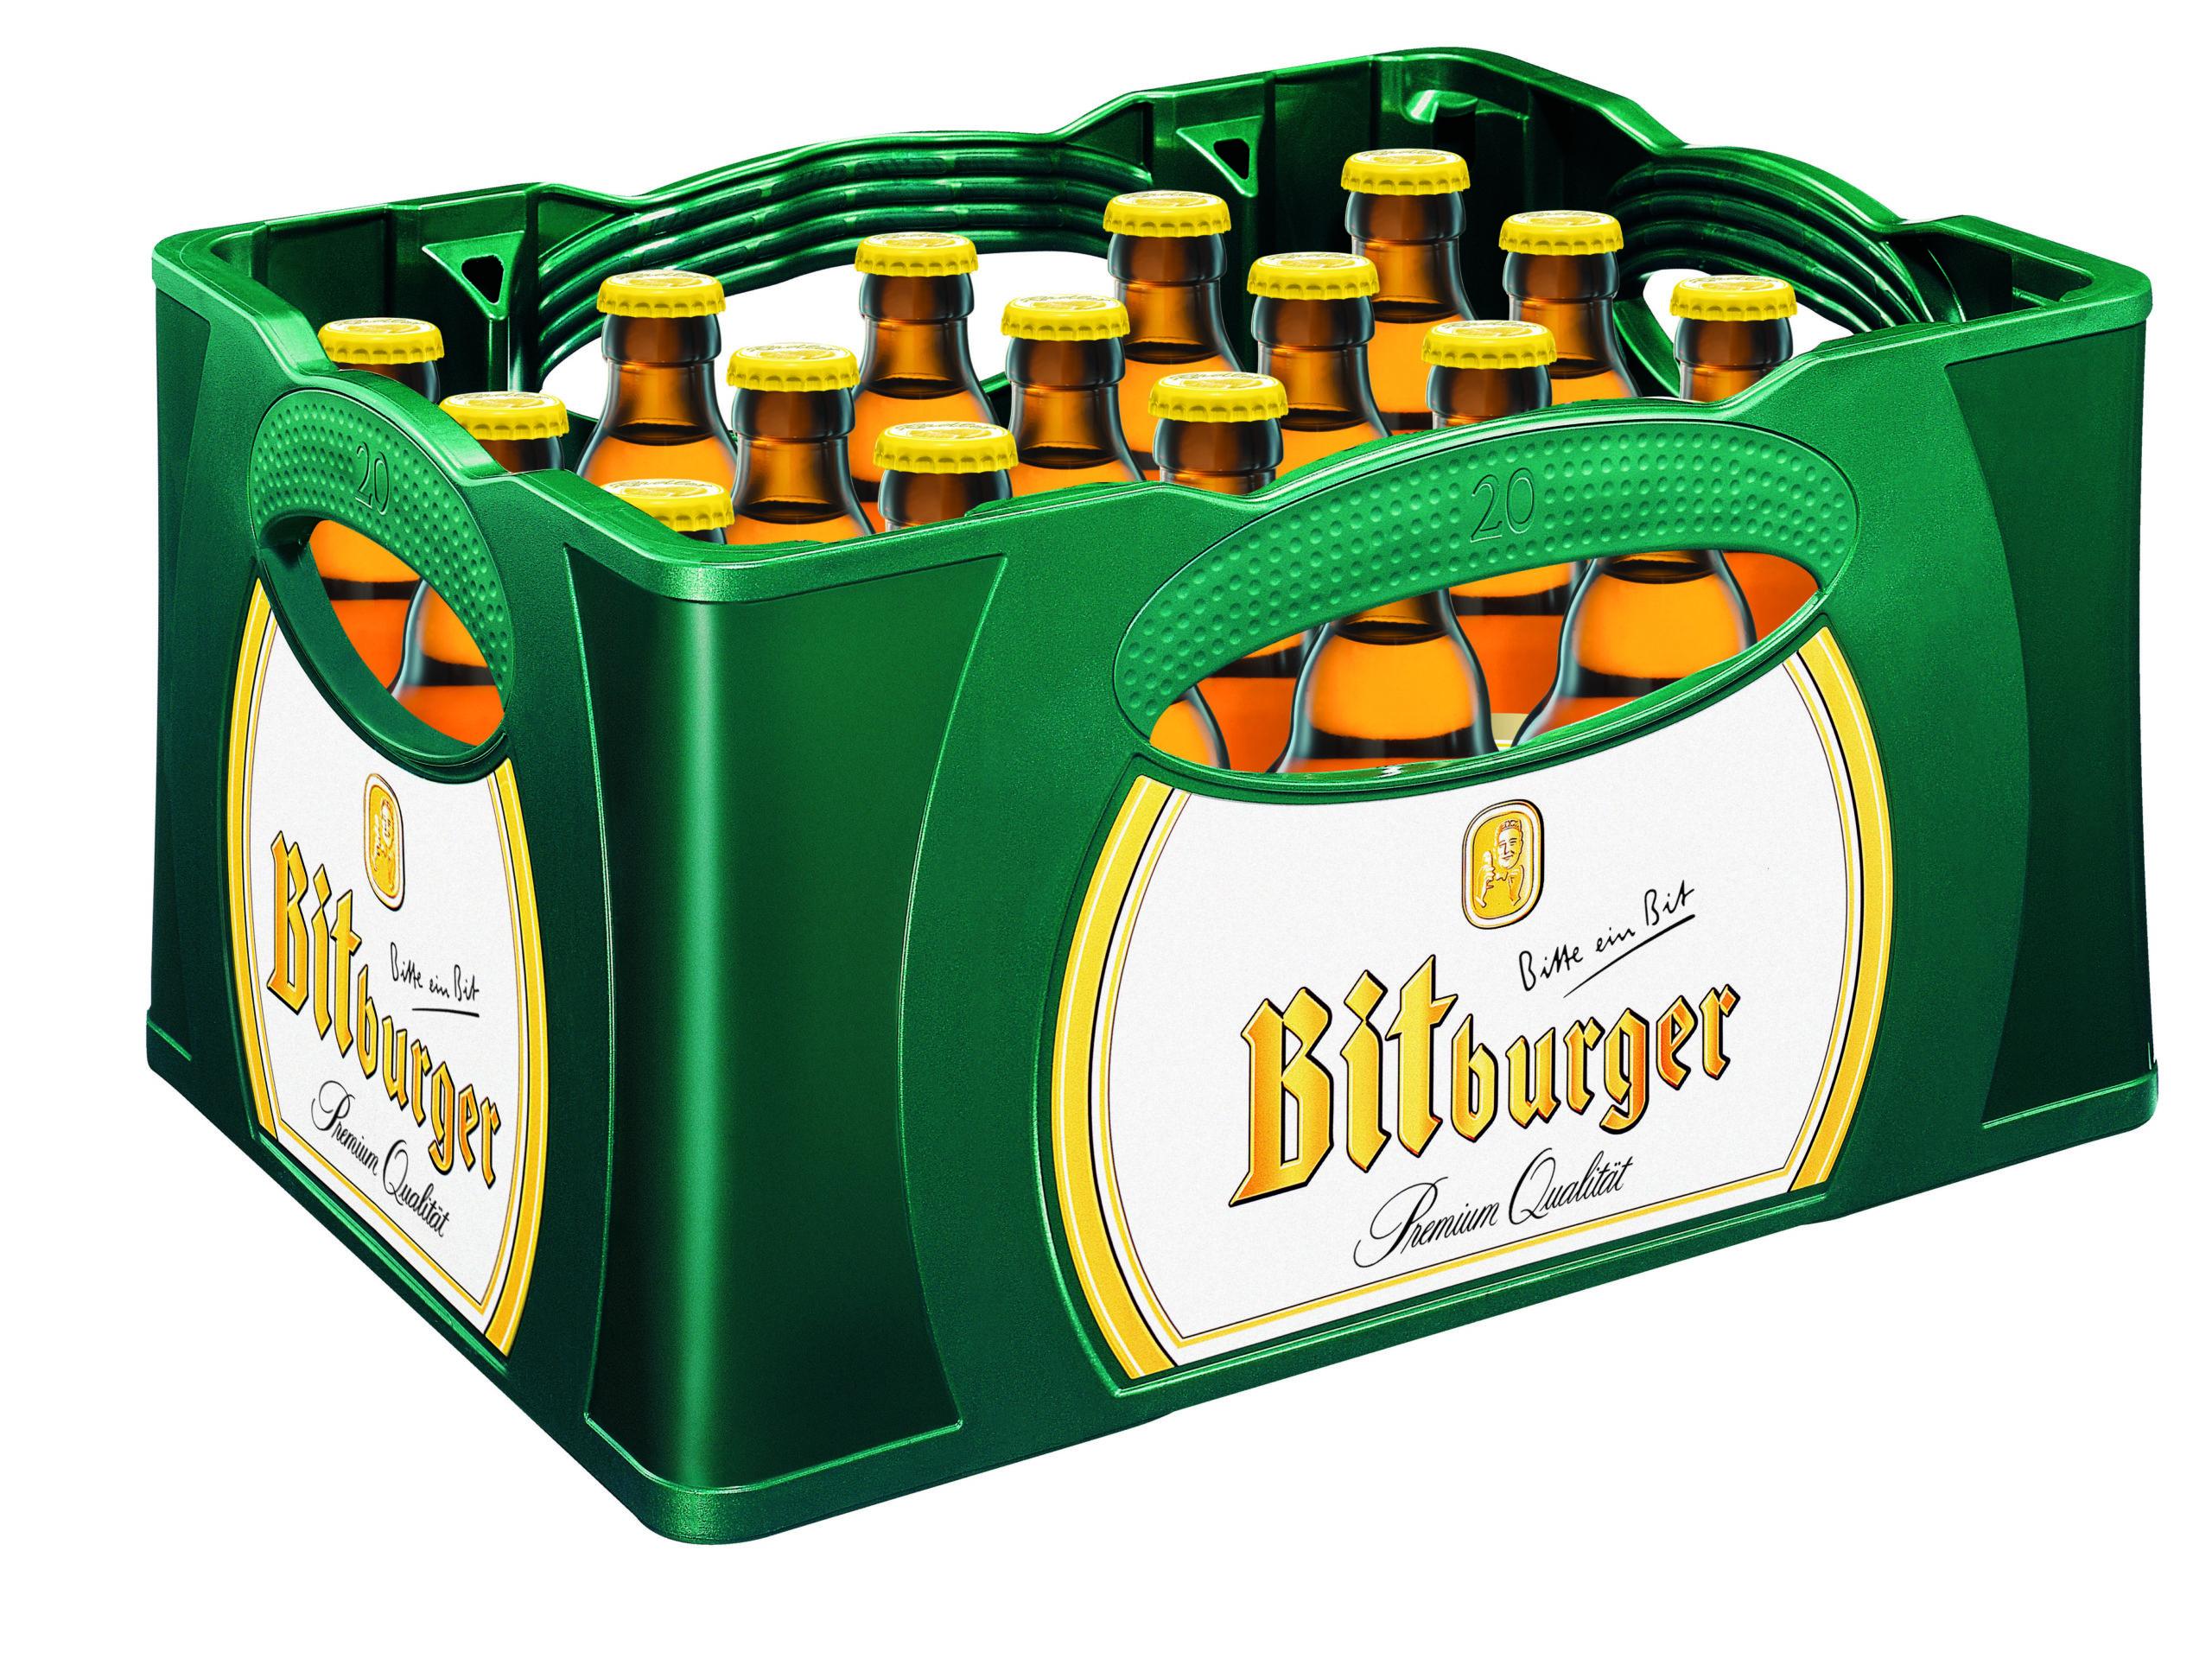 Bitburger Radler Stubbikasten 24x0,33l Mehrweg Glas